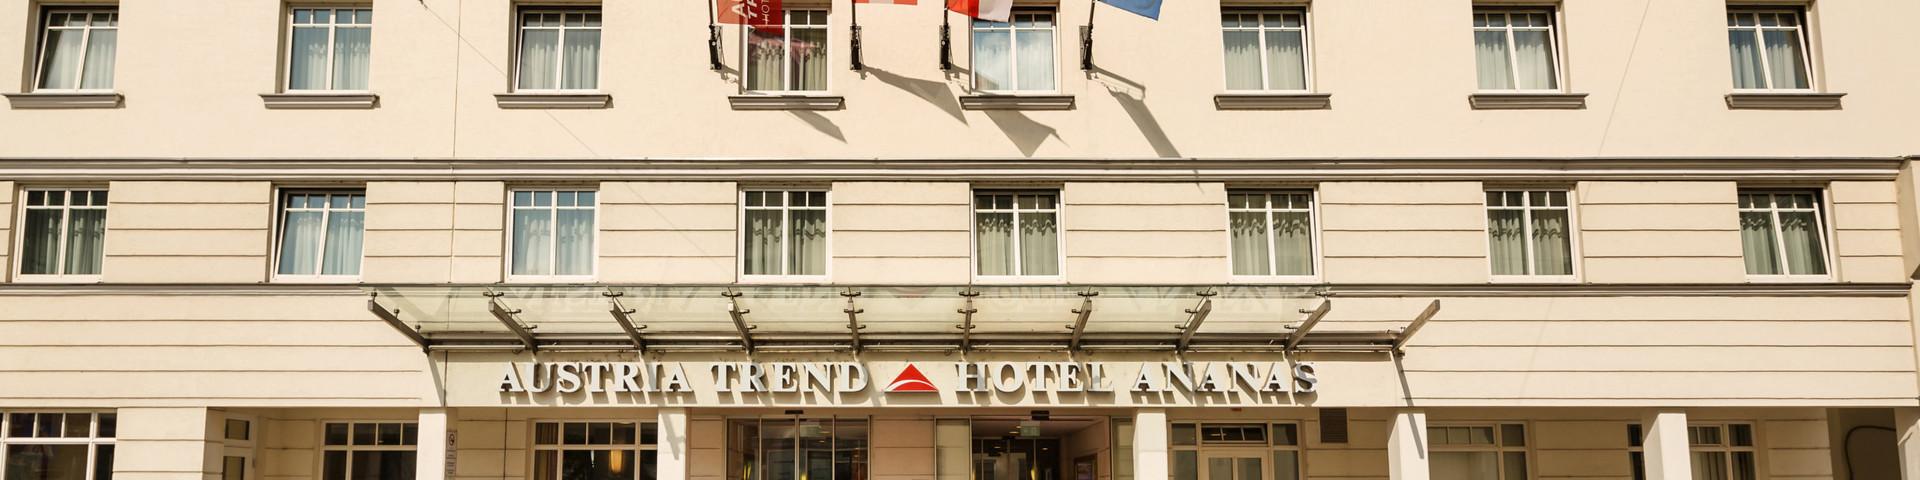 Austria Trend Hotel Ananas - Aussenansicht 2 © Austria Trend Hotels